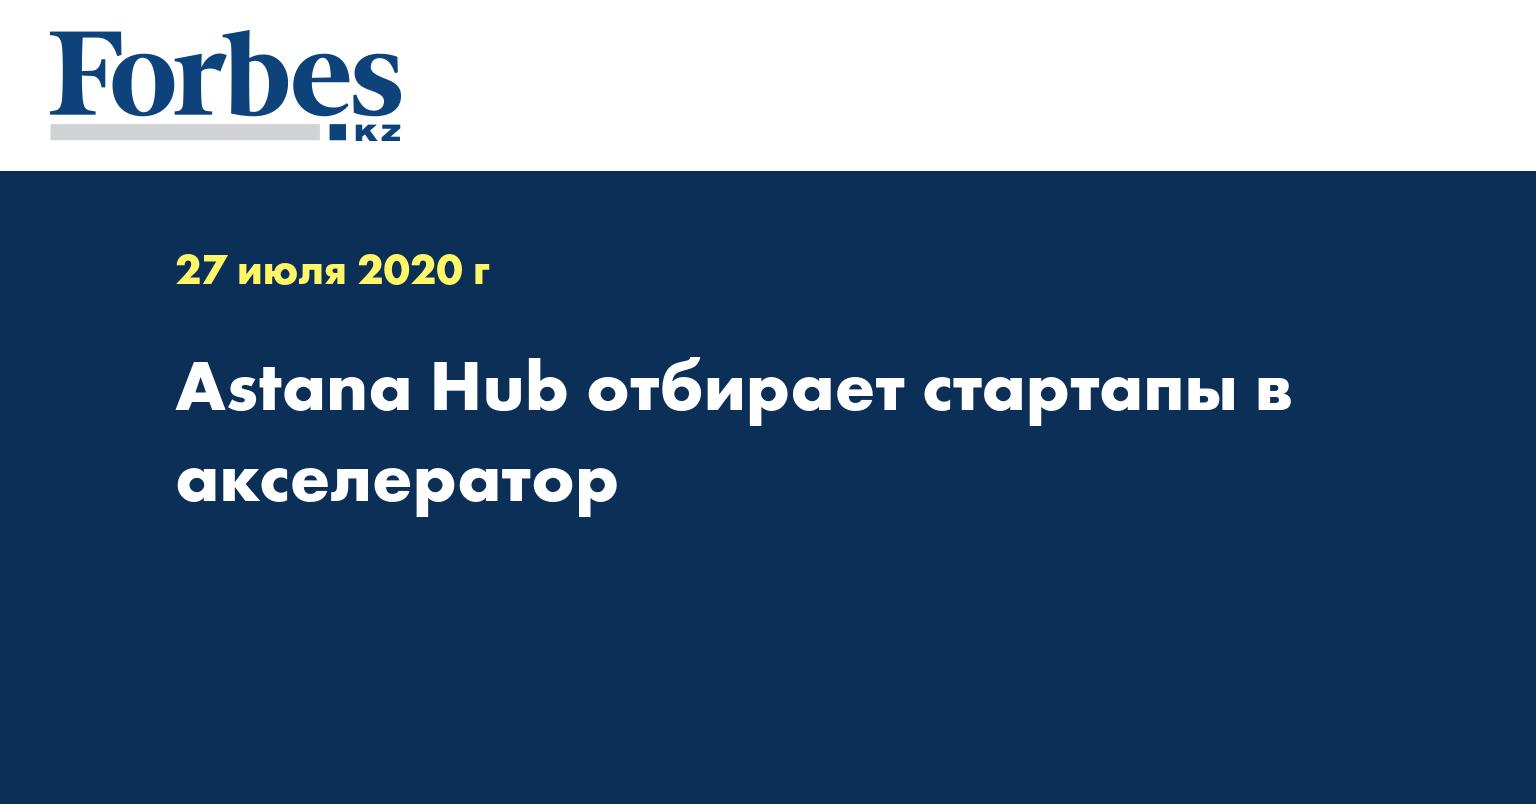 Astana Hub отбирает стартапы в акселератор